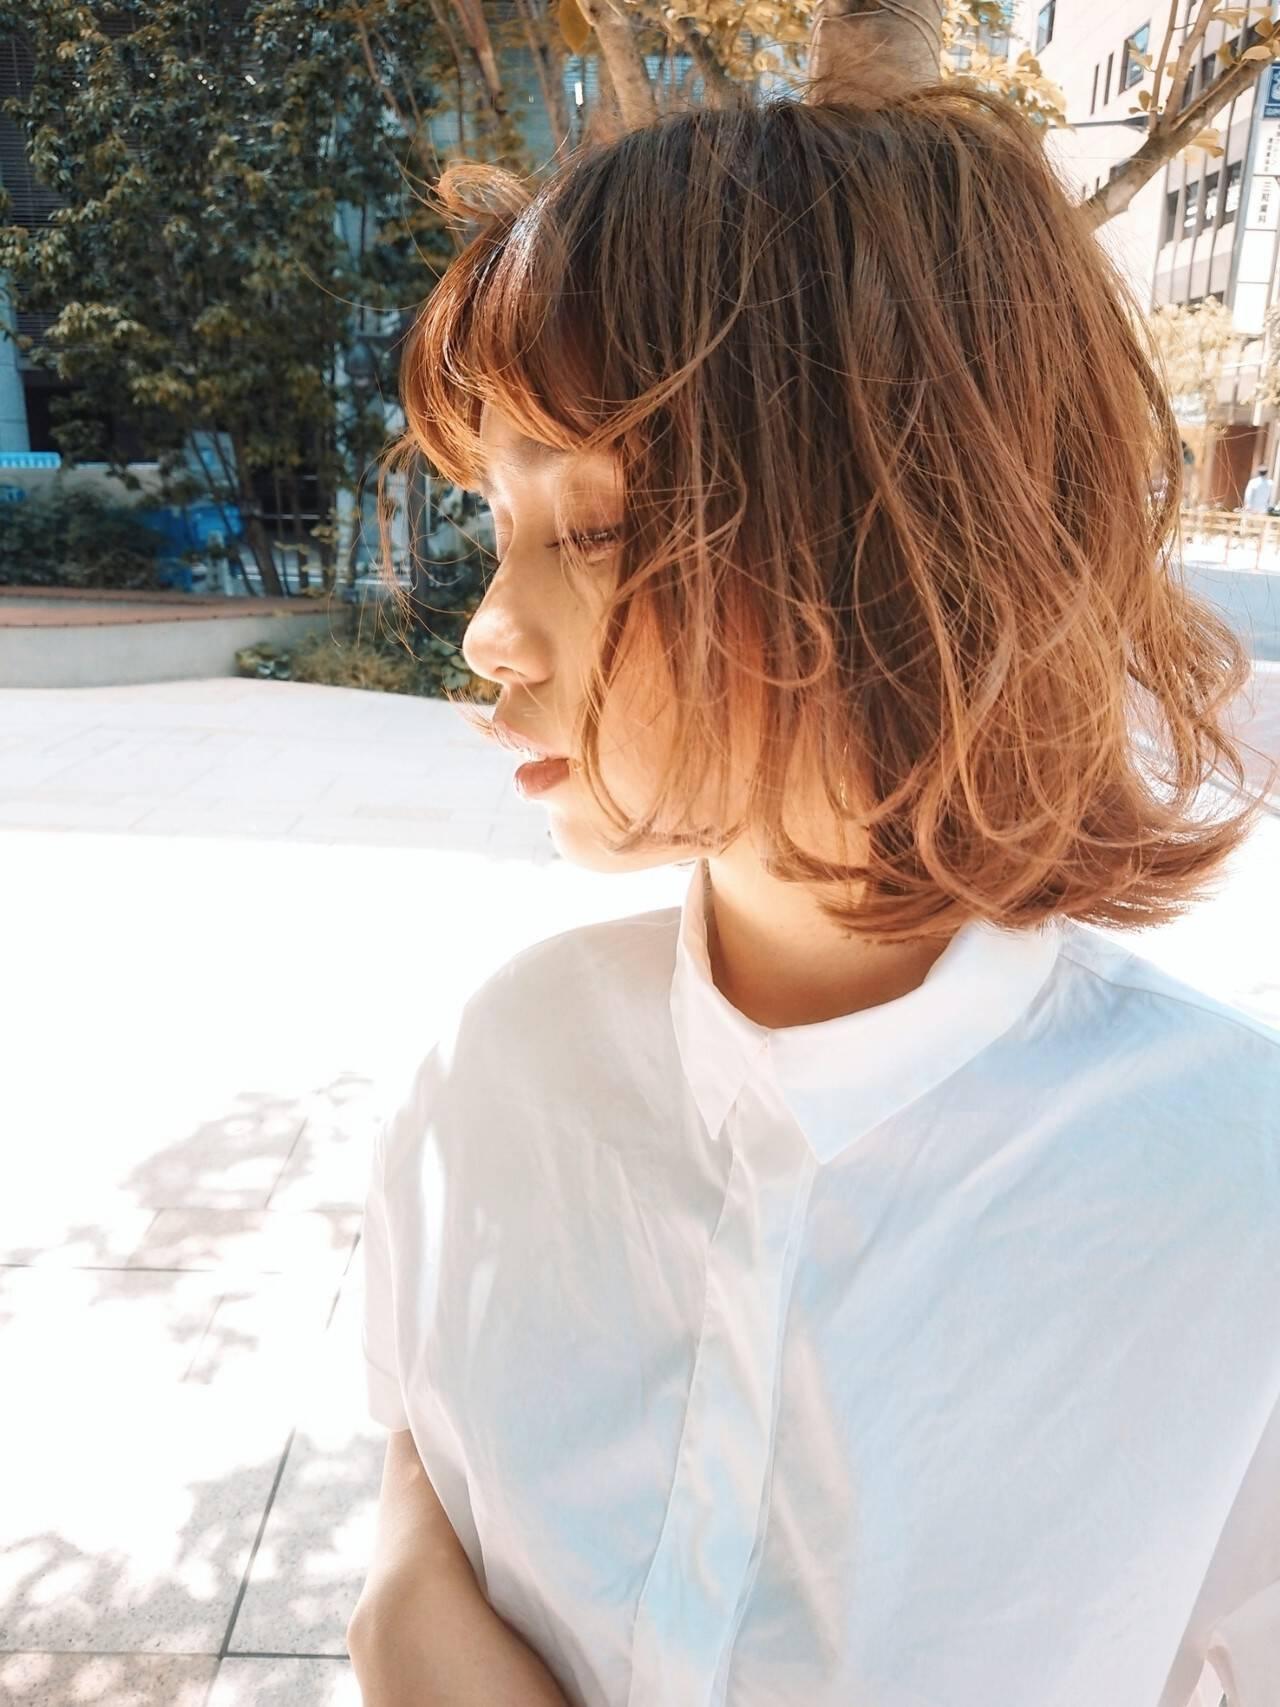 ウルフカット 切りっぱなしボブ ショートヘア インナーカラーヘアスタイルや髪型の写真・画像